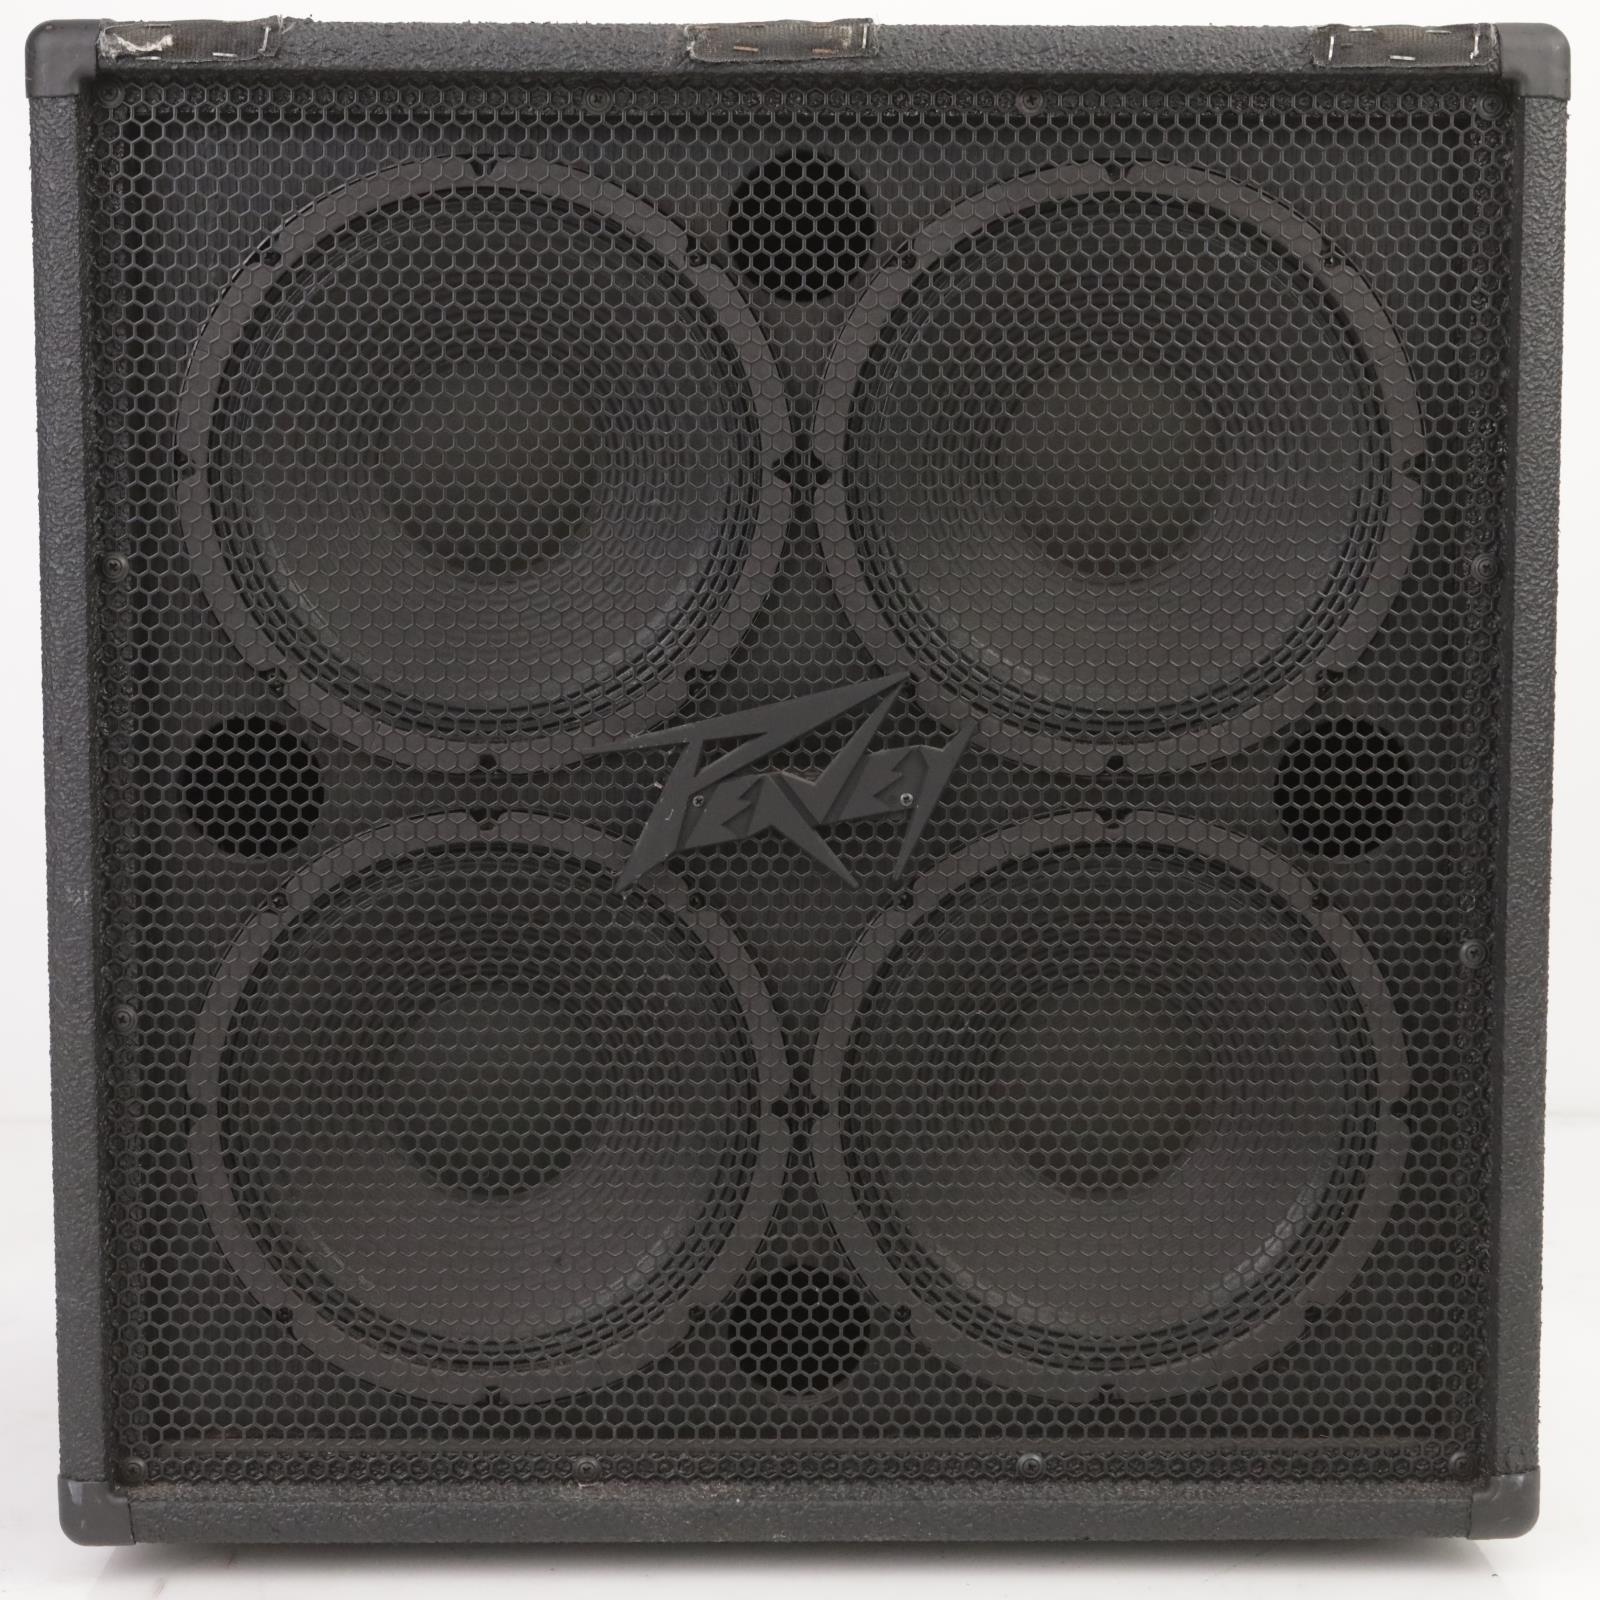 Peavey 410B Speaker Cabinet for Bass Guitar owned by Leland Sklar #38760